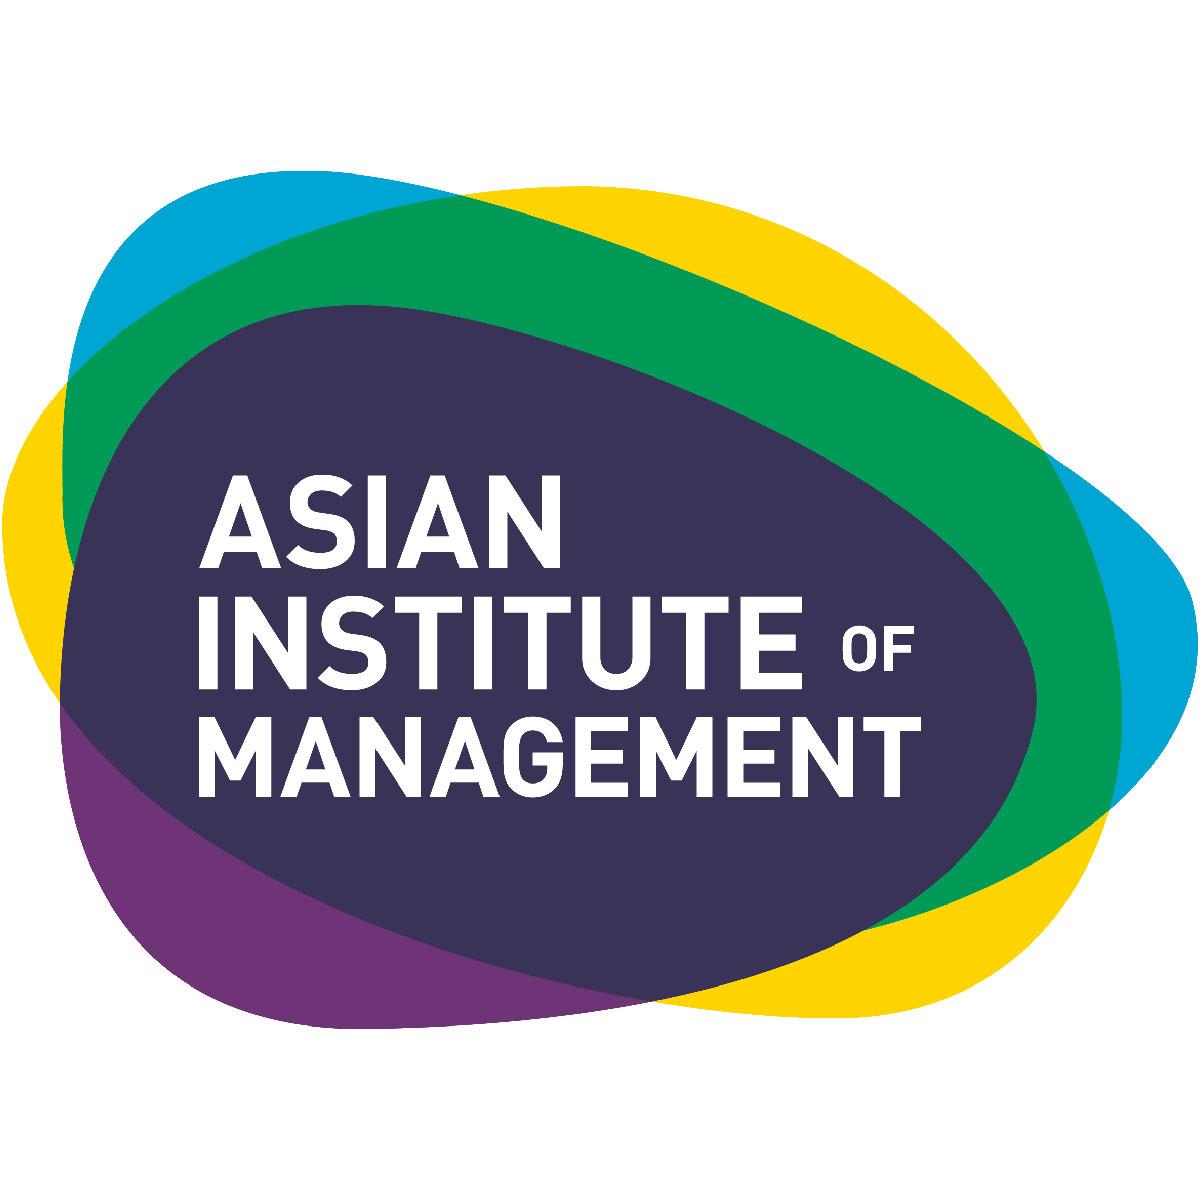 Asian_Institute_of_Management-1